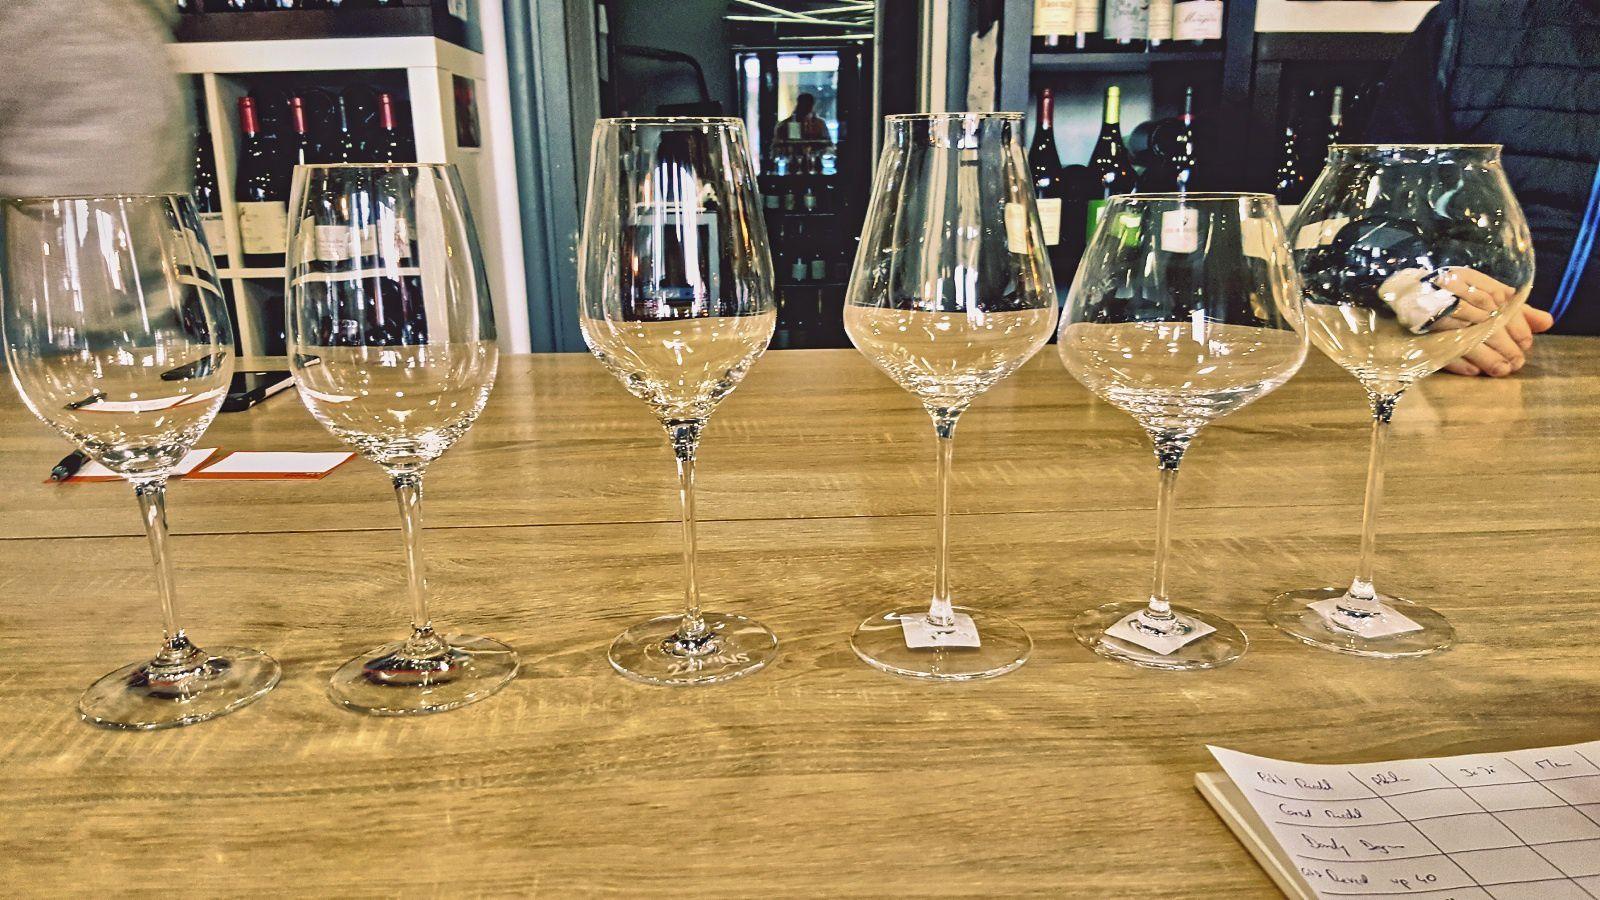 La forme des verres joue un rôle prépondérant dans la perception du vin